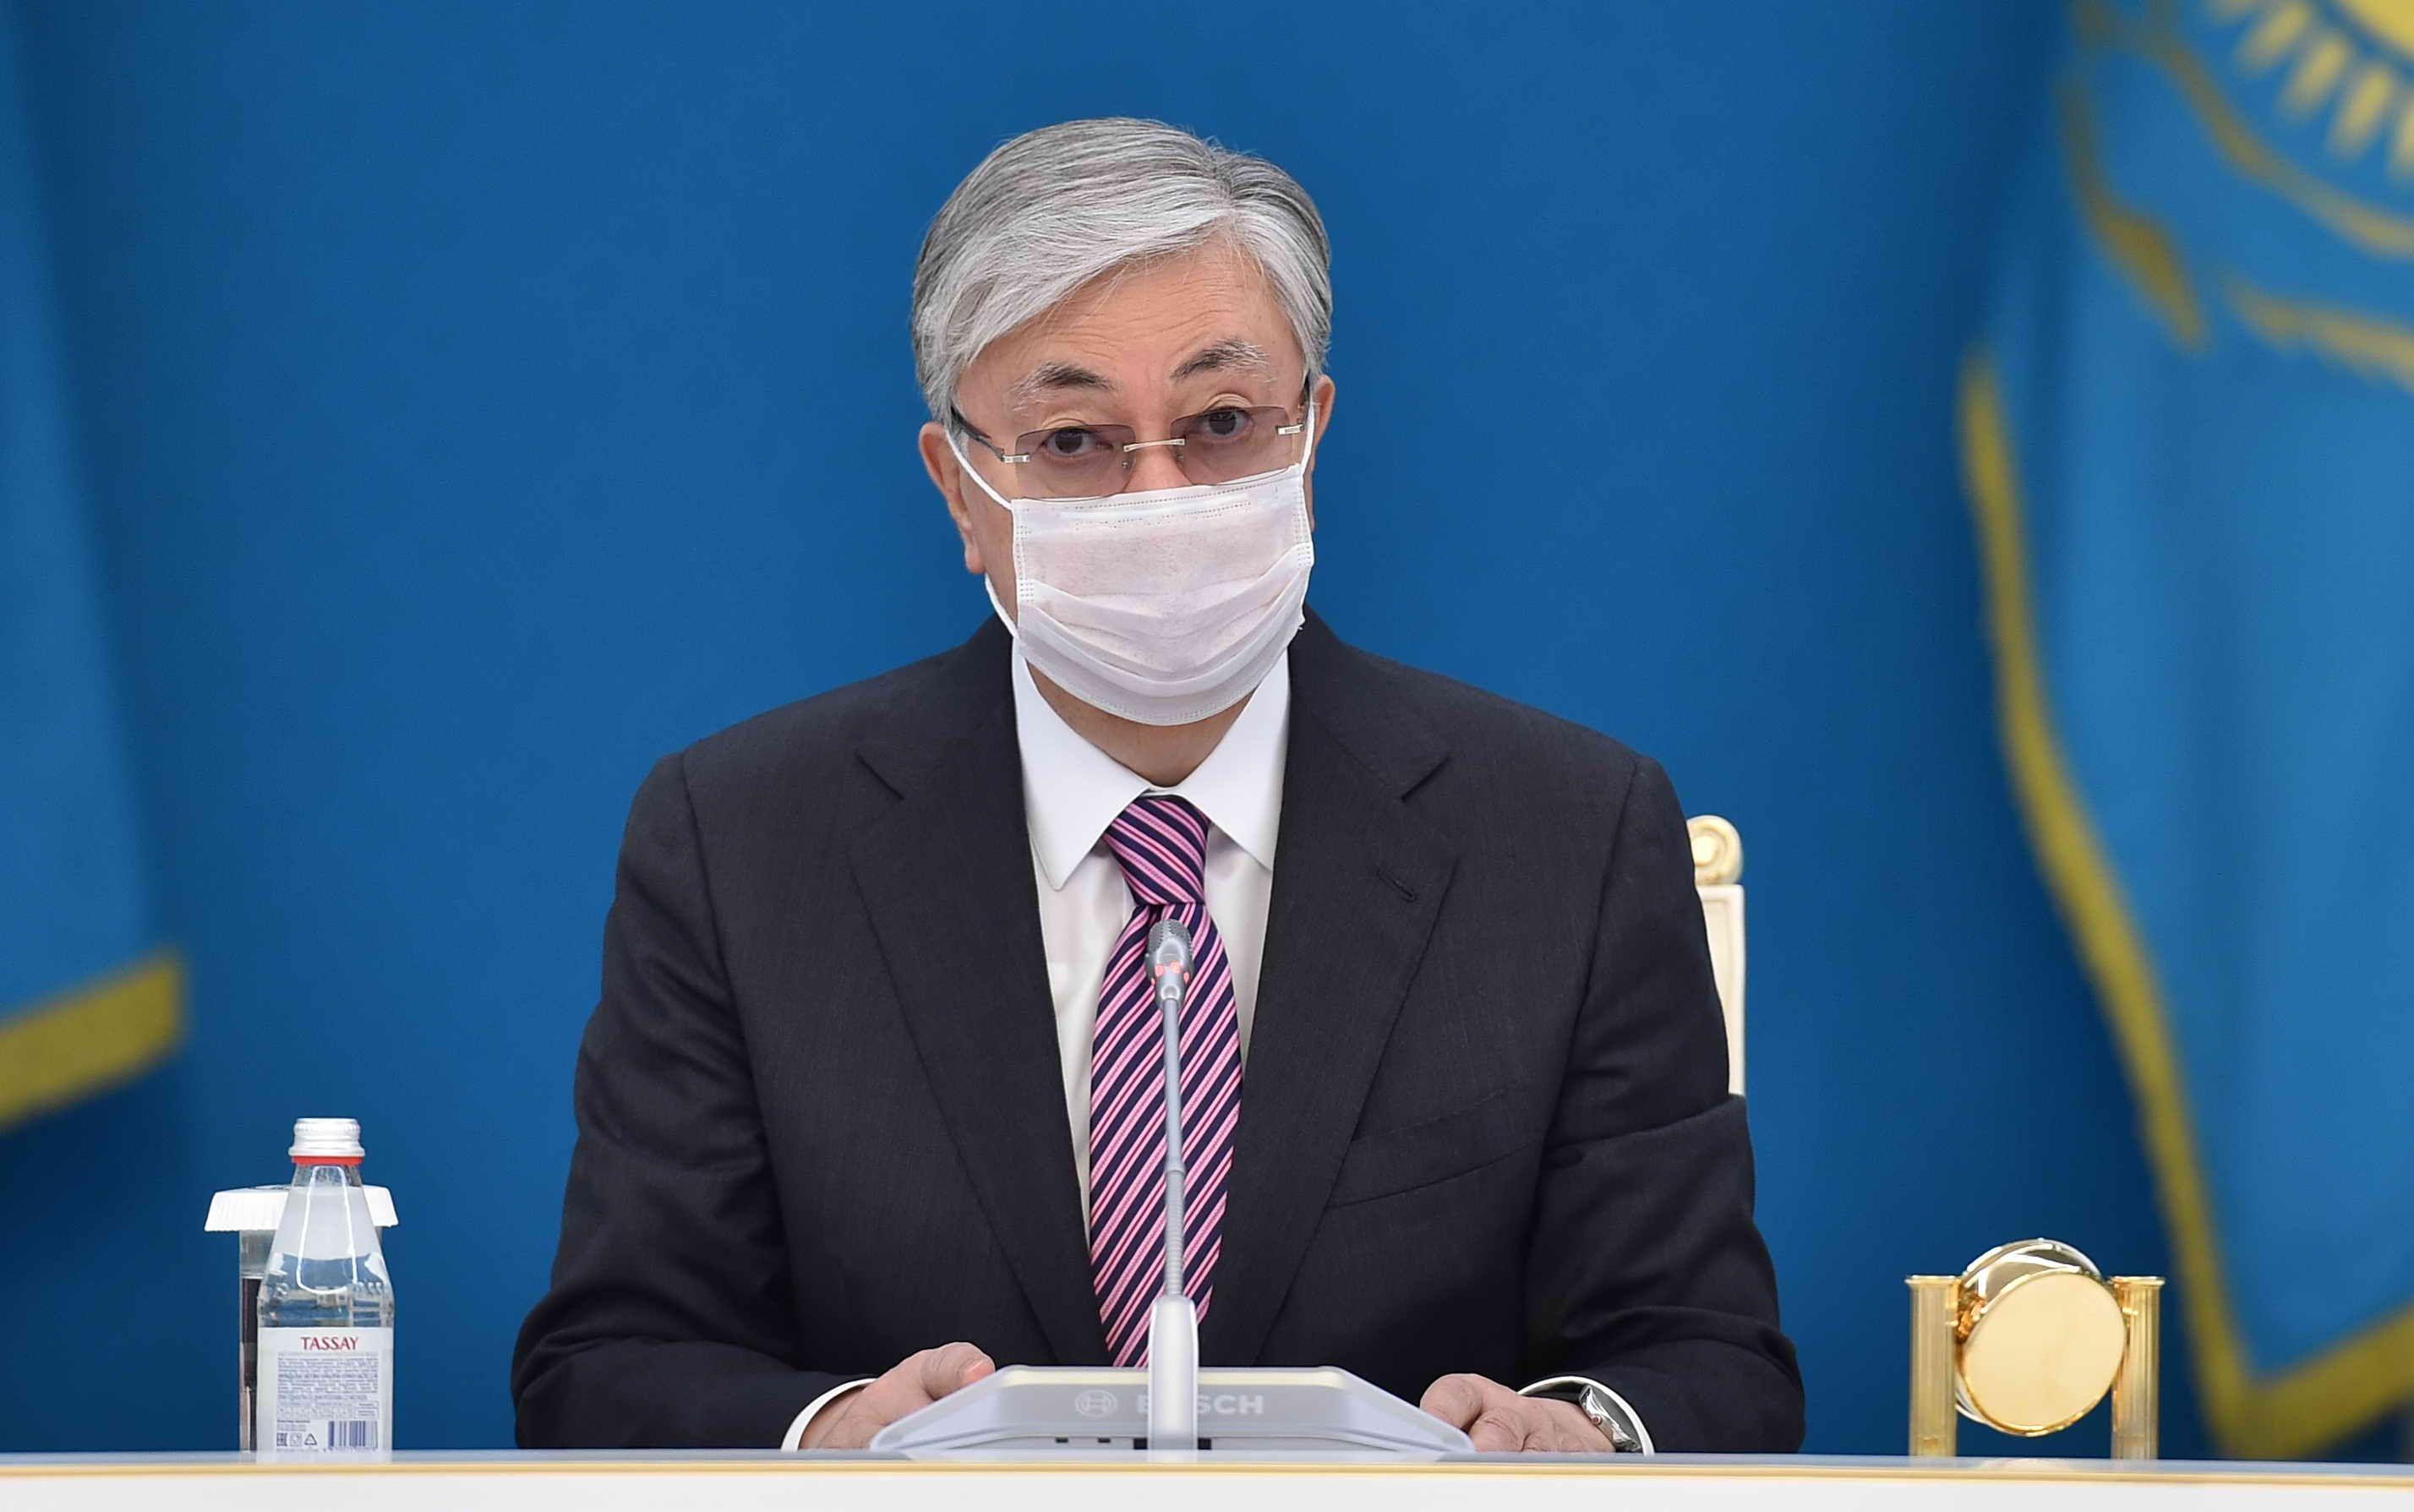 Международные рейтинги уже не производят впечатления на граждан - Президент- Kapital.kz